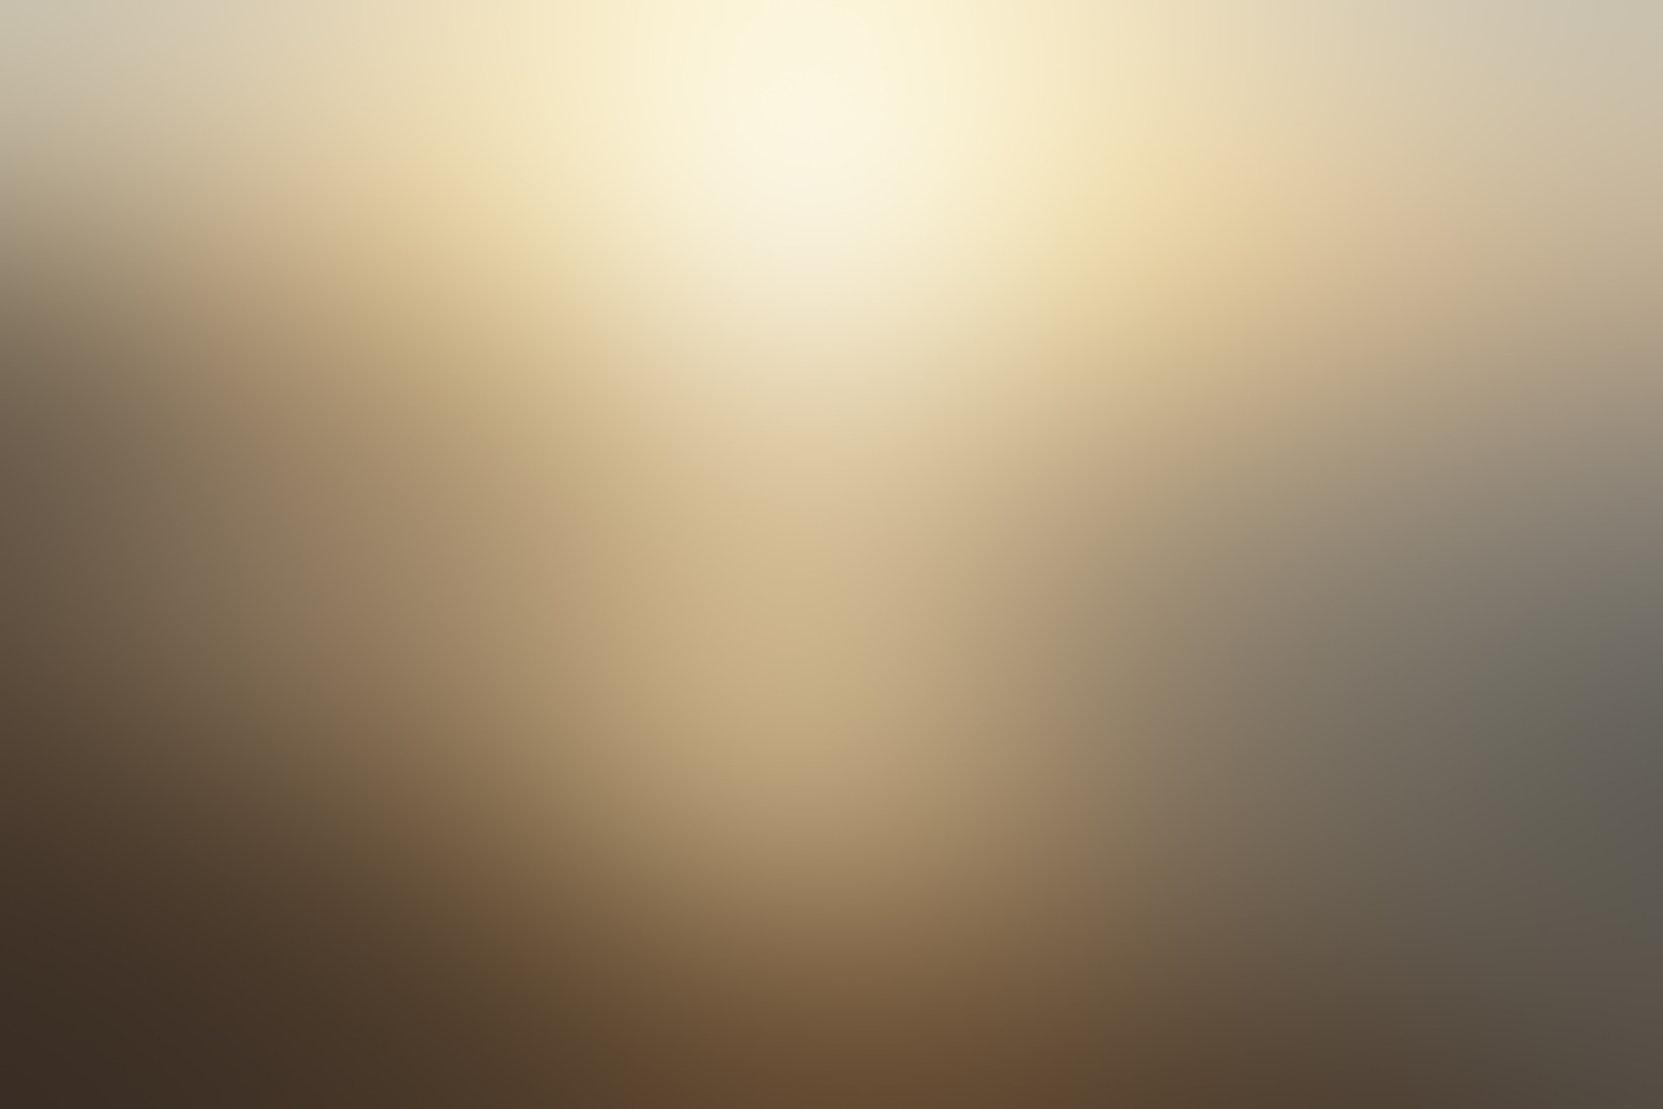 the-blurred-819385_1920.jpg